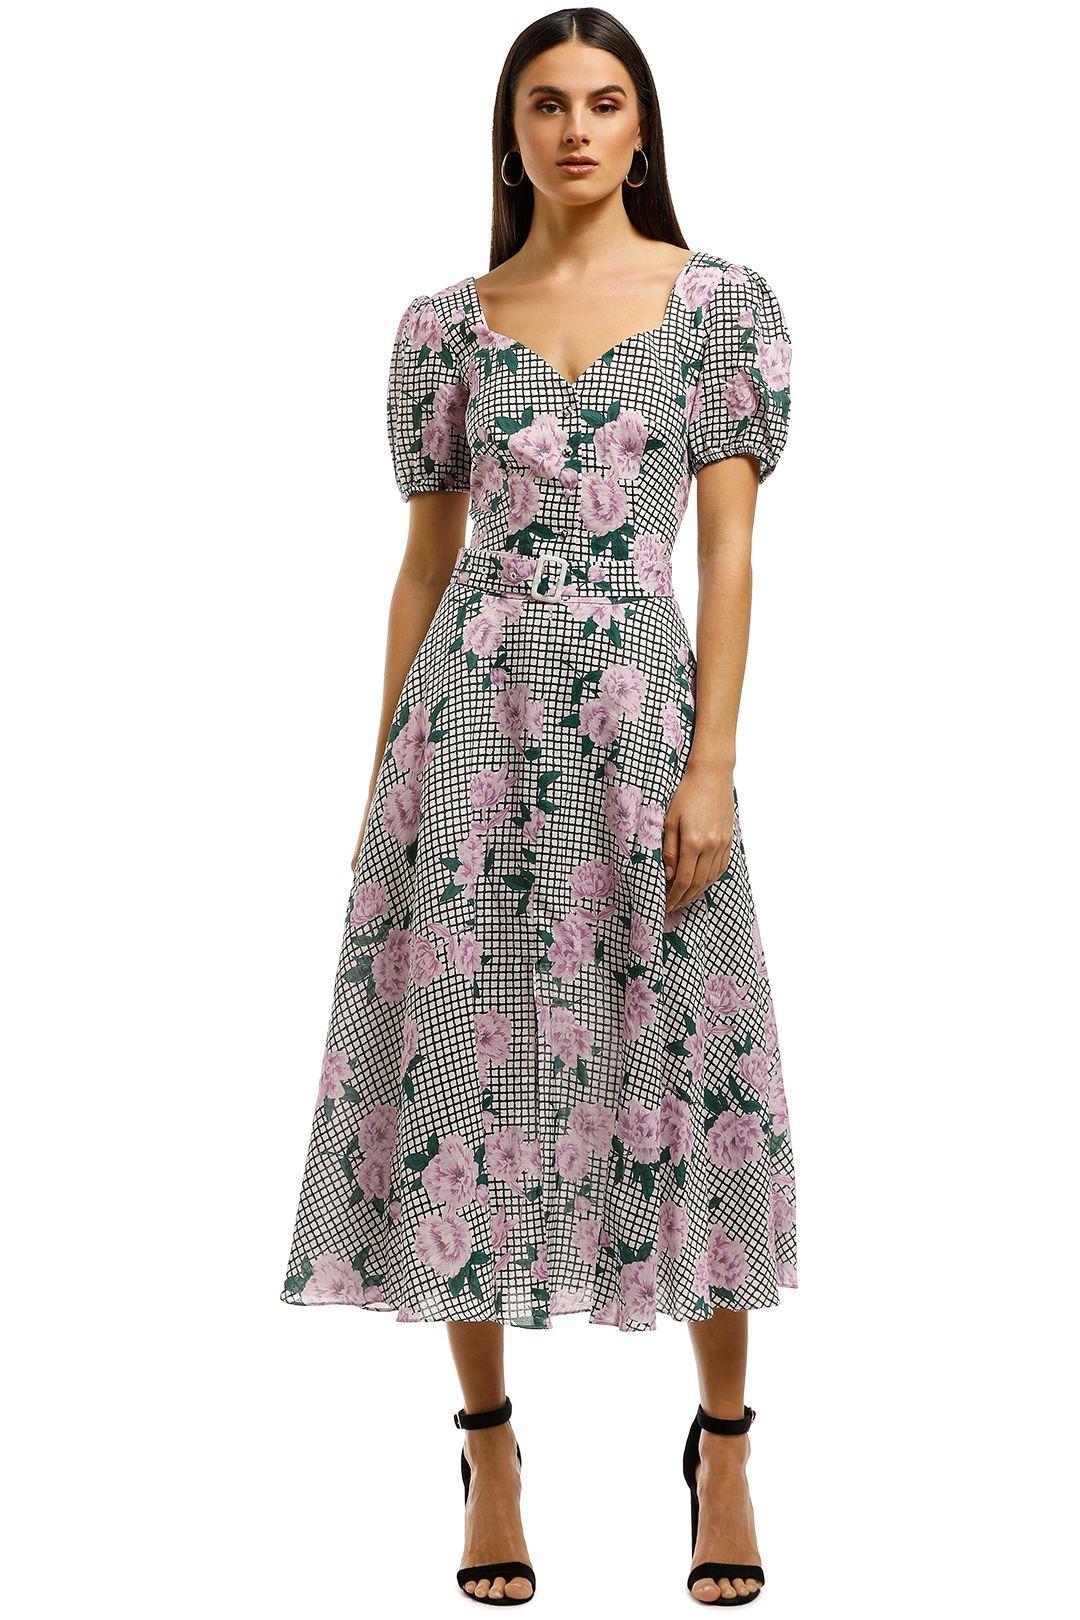 Talulah-Sweet-Desire-Skirt-Front